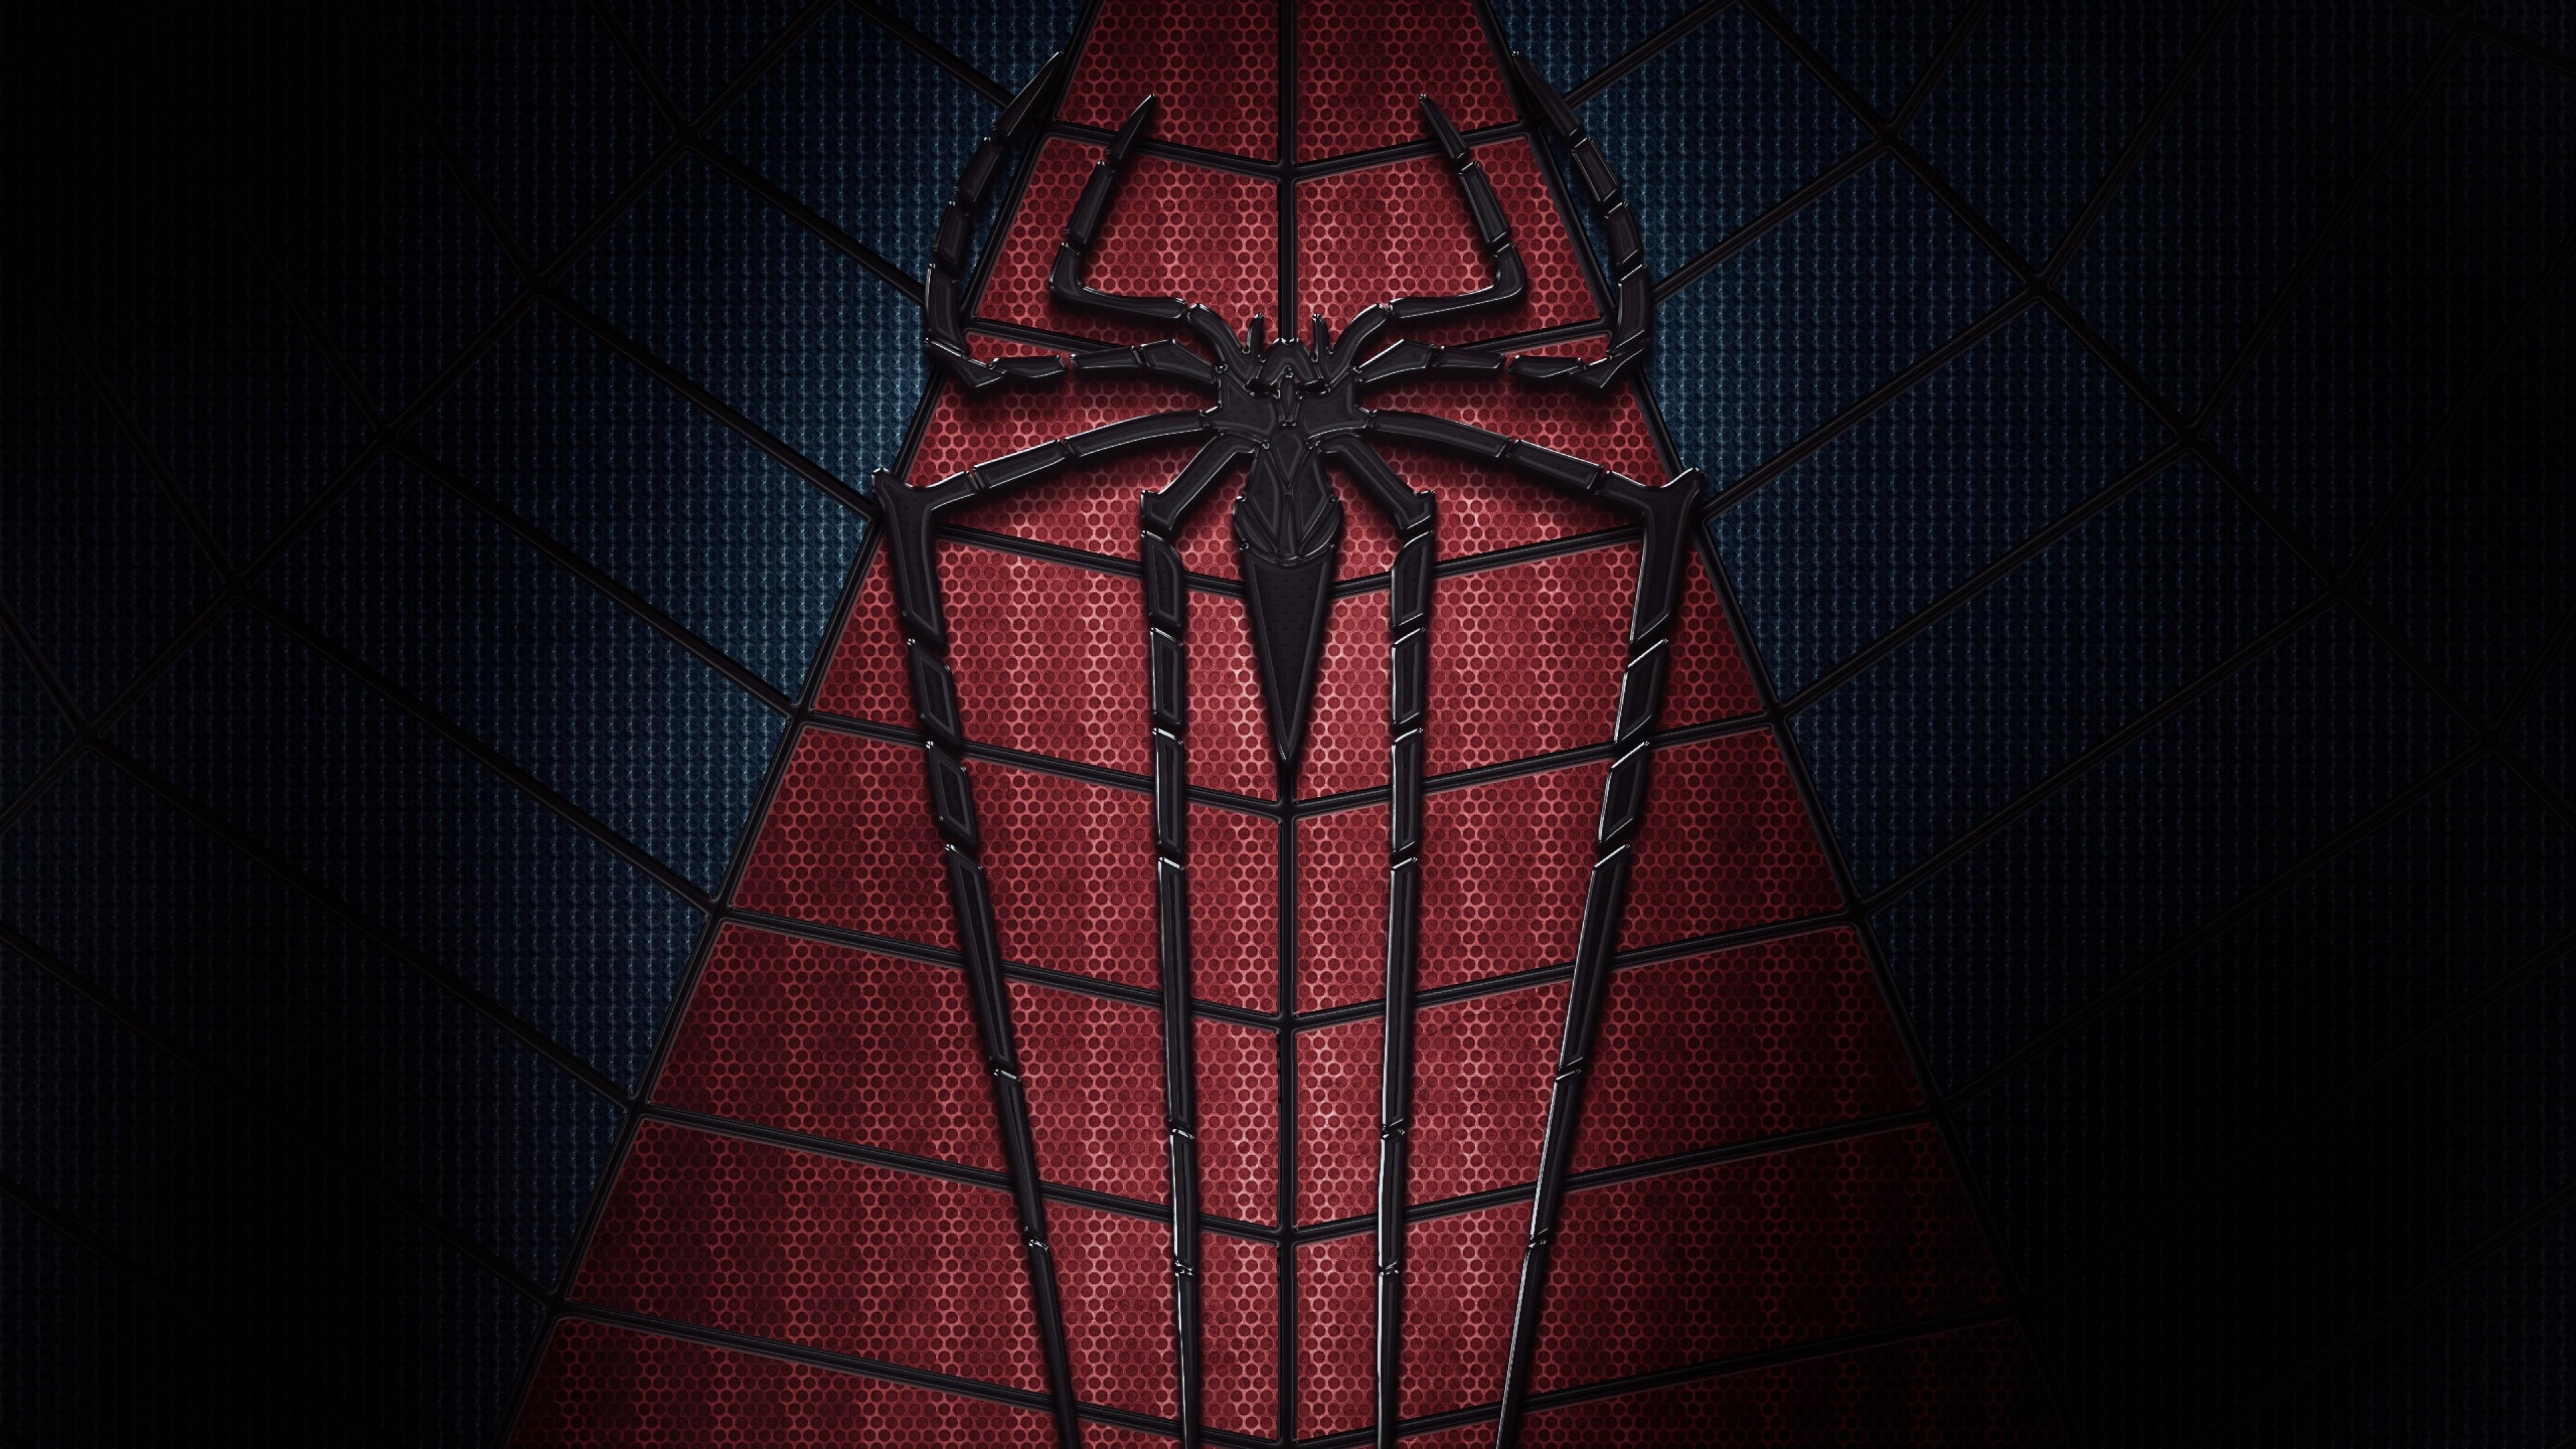 Res: 3840x2160, #spider, #logo, #Marvel Comics, #dark, #superhero, #comics, #Spider-Man,  wallpaper